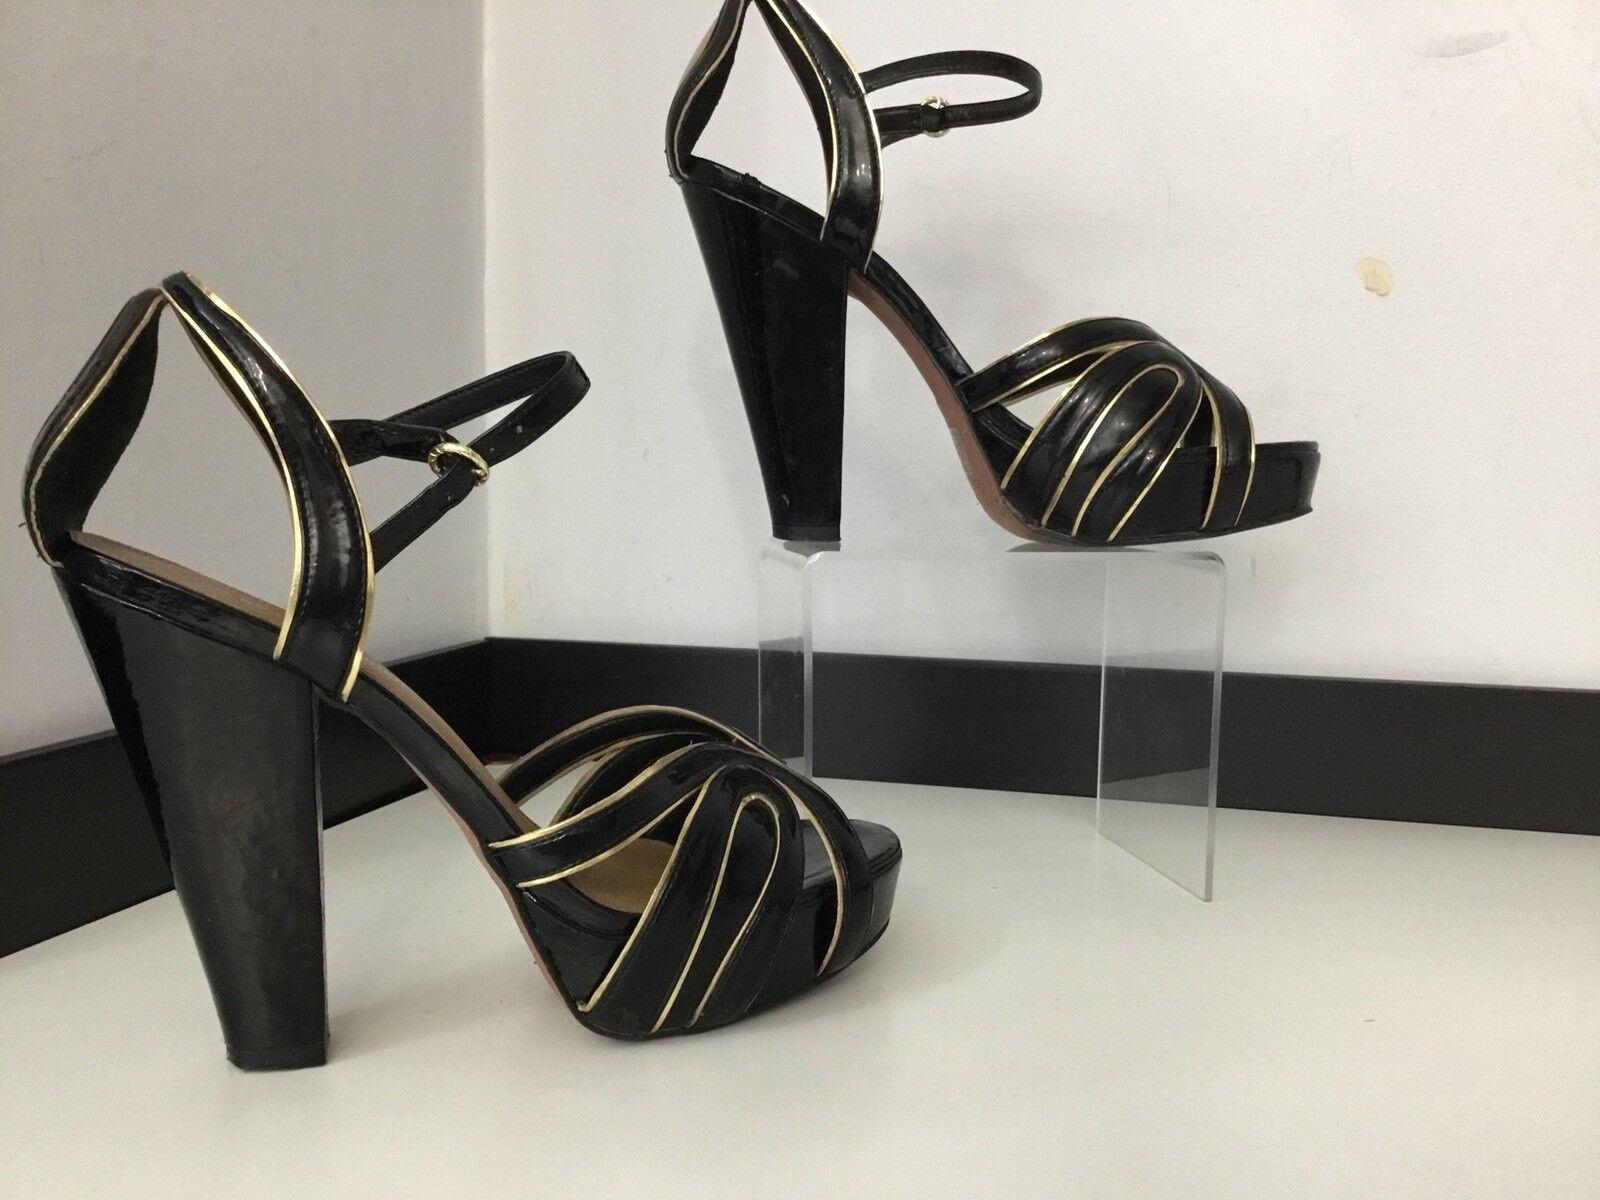 Kurt Geiger kg Zapatos Tacón Alto Charol Negro Talla en muy buena condición